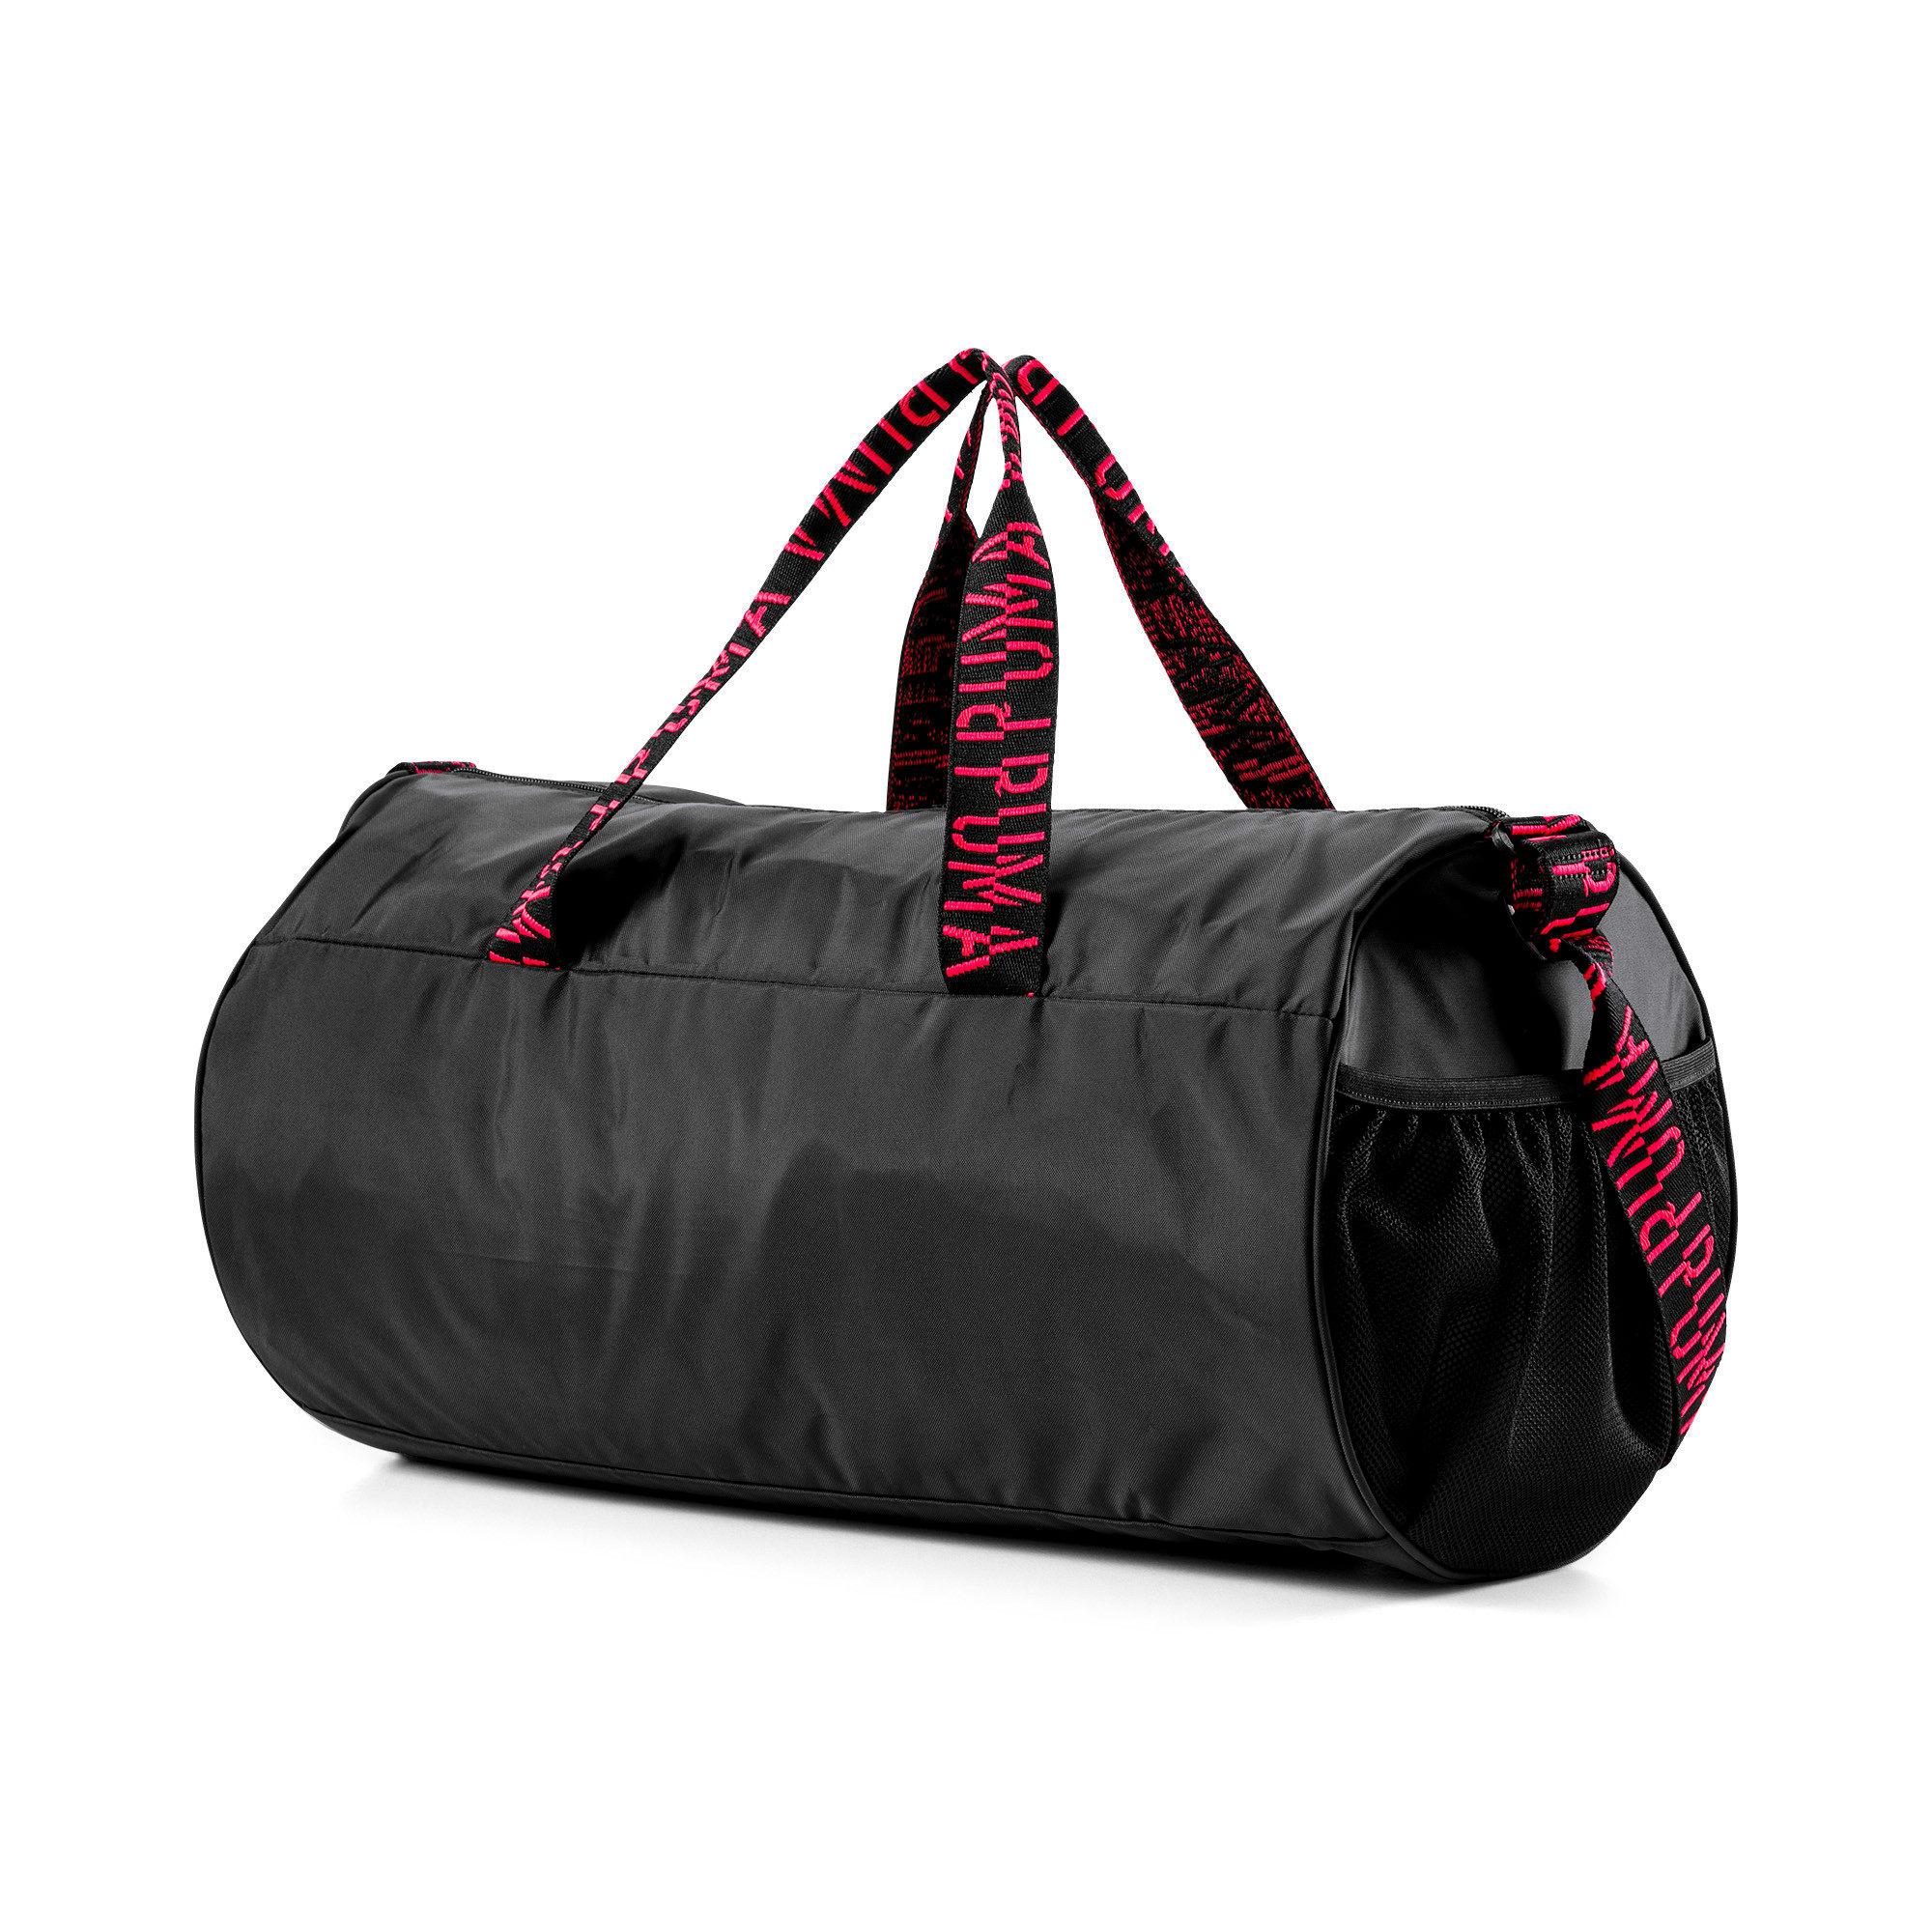 Thumbnail 3 of AT ESS Barrel Bag, Puma Black-Pink Alert-AOP, medium